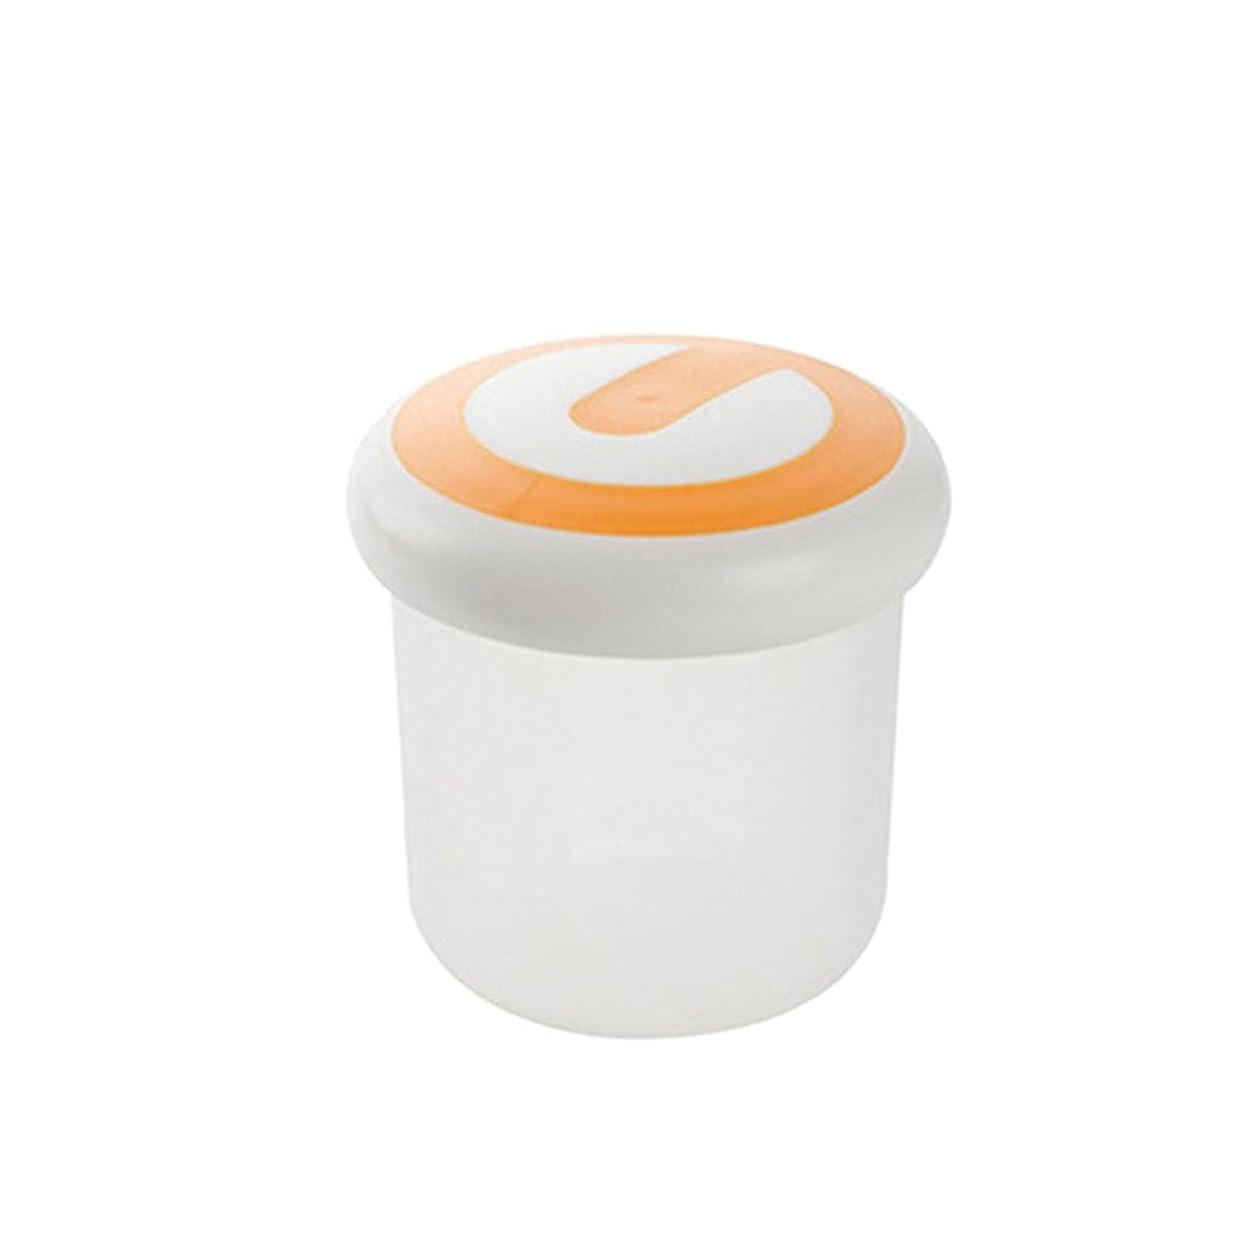 交通マウスピース感謝しているDeylaying 食品容器ボックス赤ちゃん牛乳容器凍ったジューススナックカップ